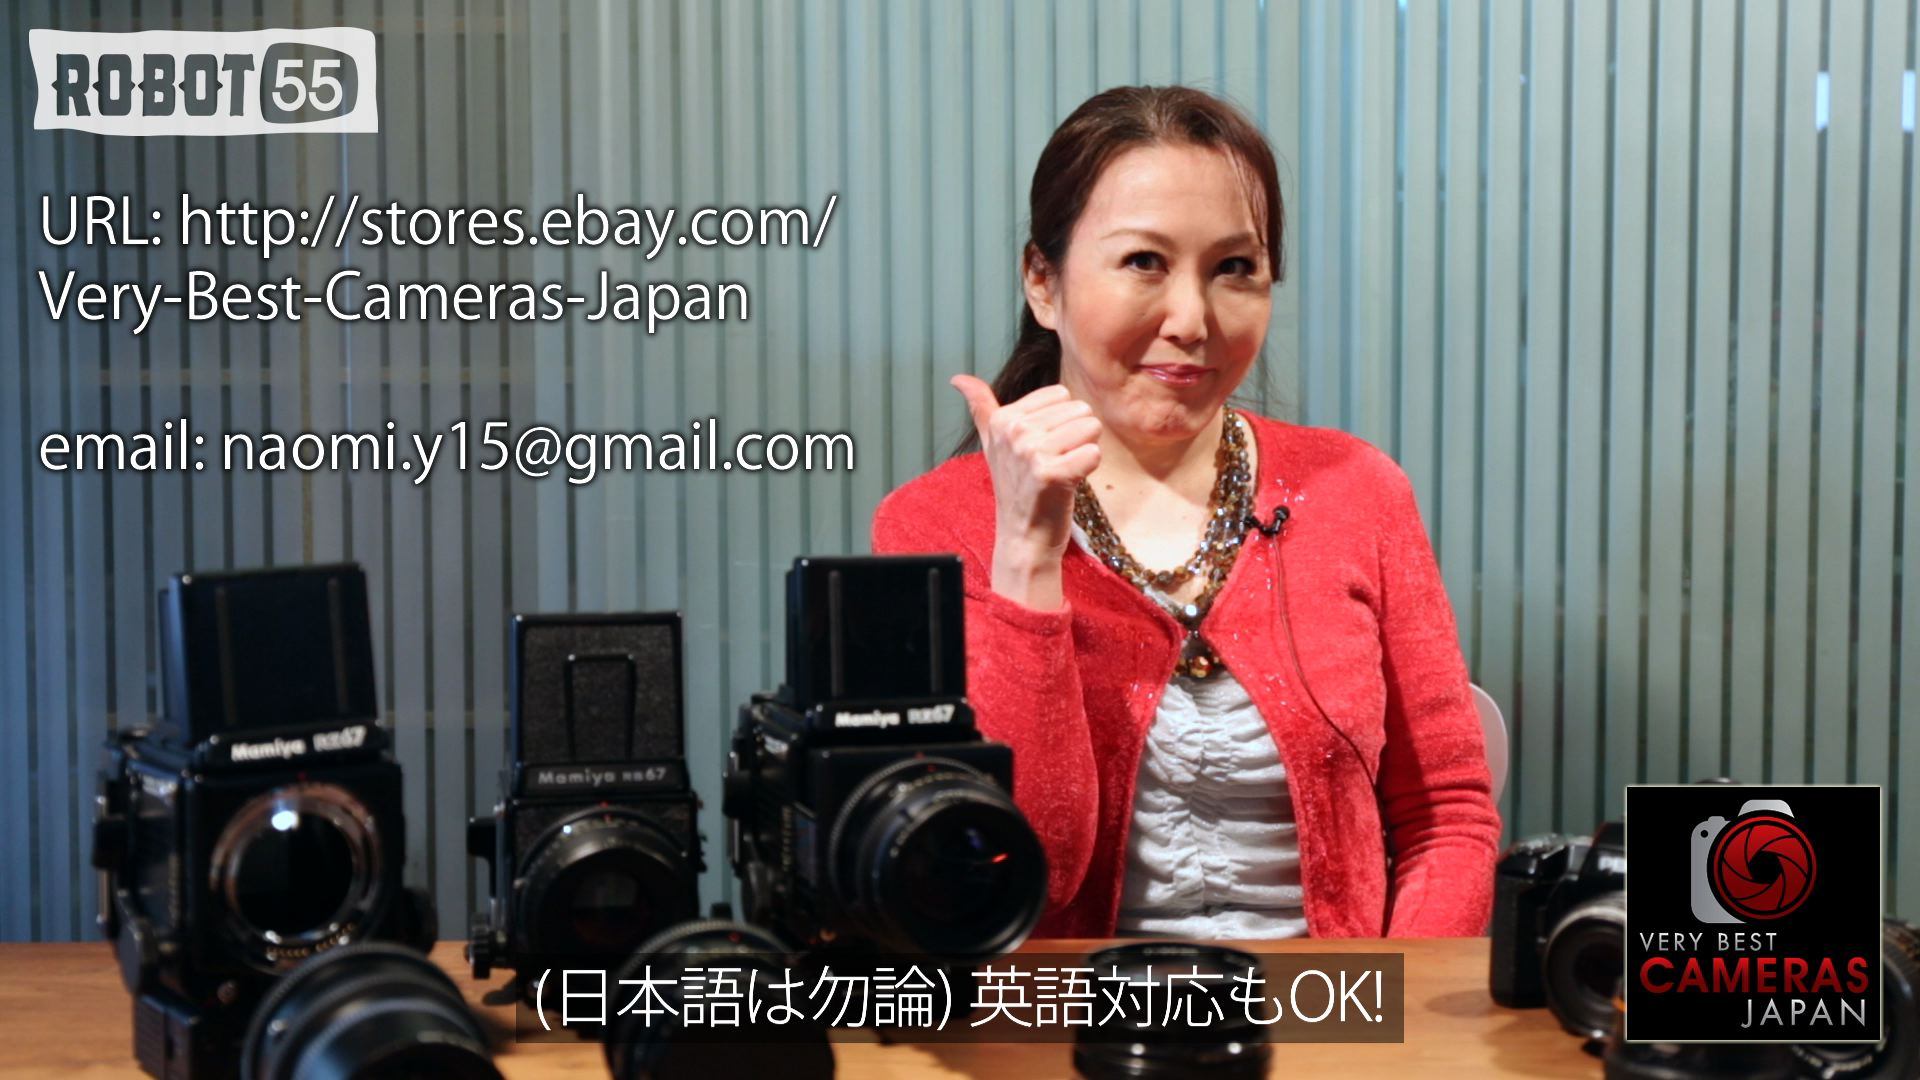 プロ・ナレーション(英語)付き海外向けビジネス動画広告60秒